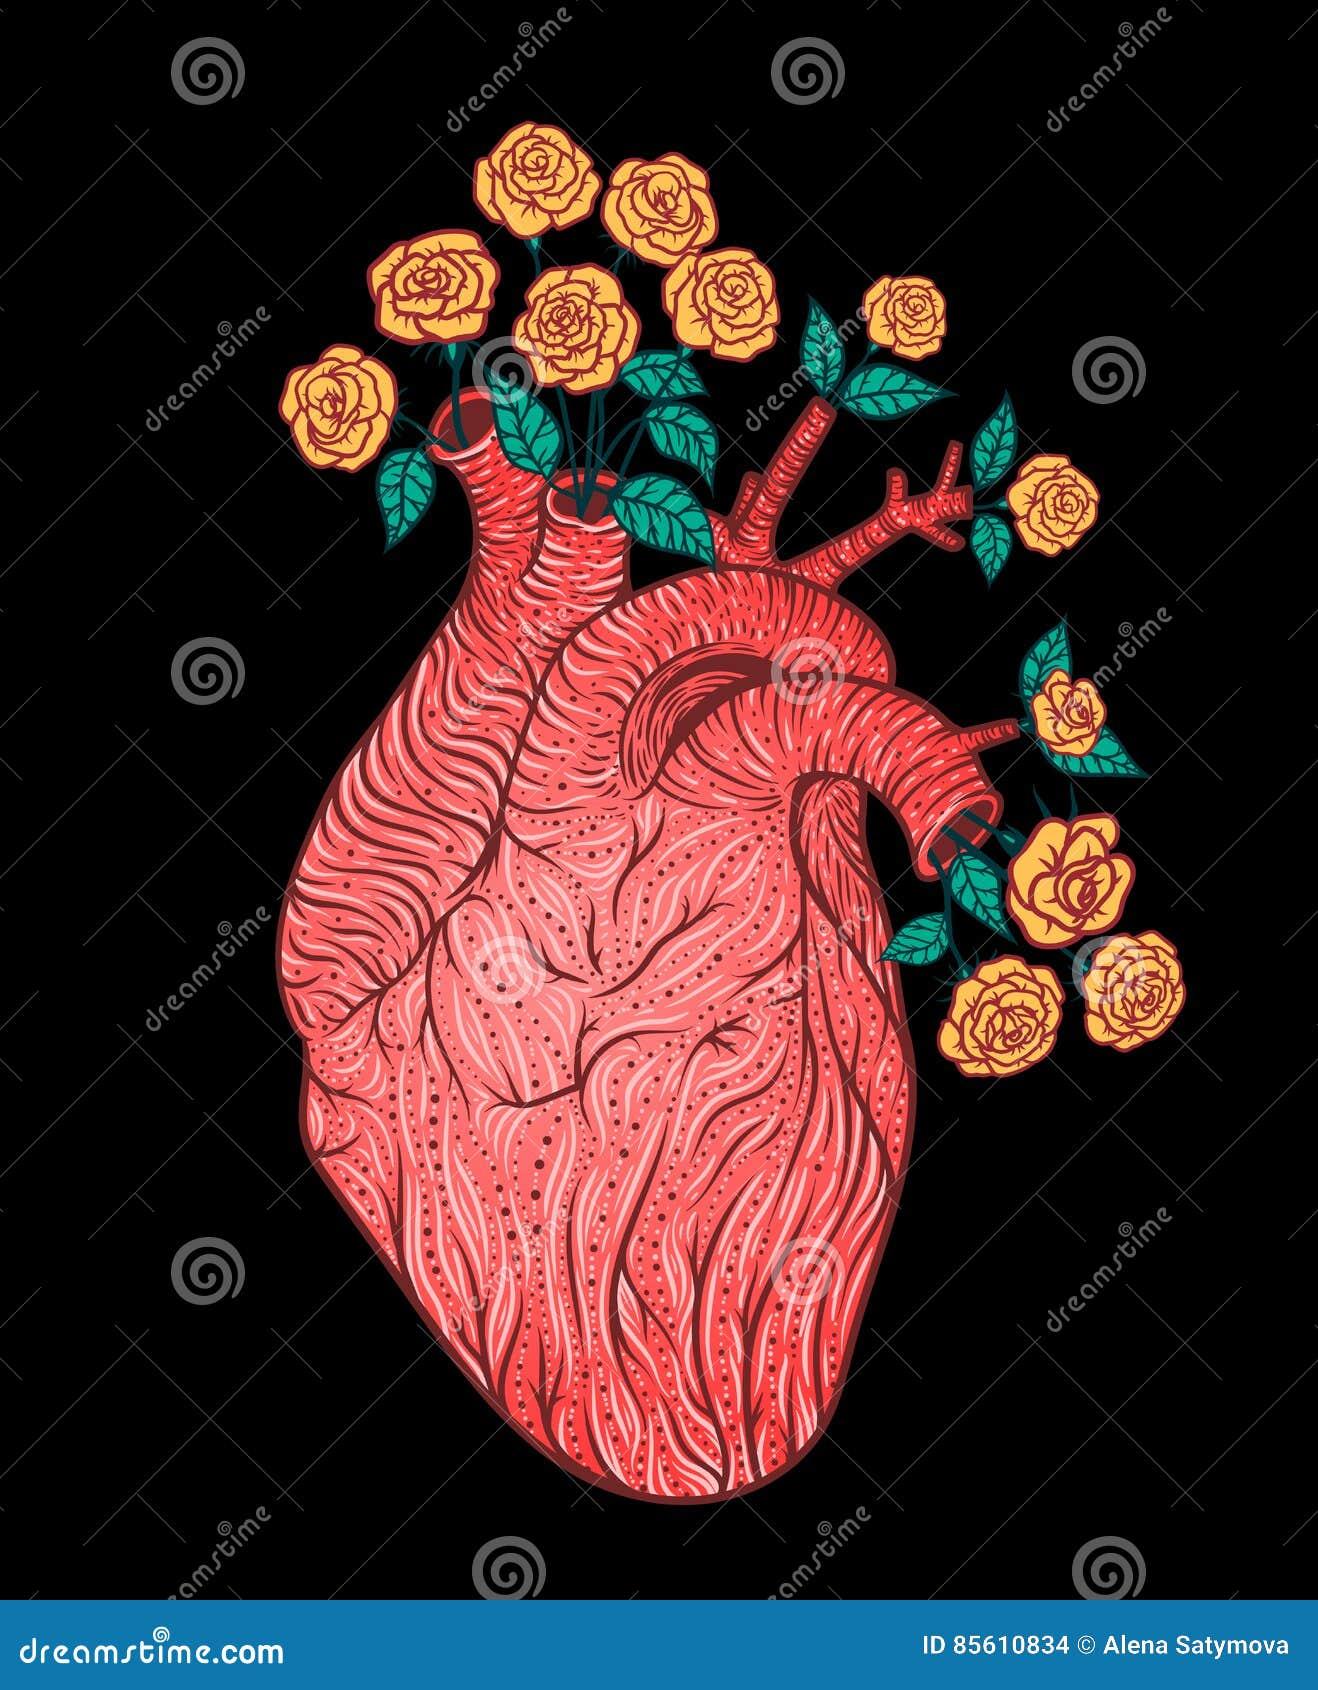 Coeur Humain Avec Des Fleurs Illustration De Vecteur Style De